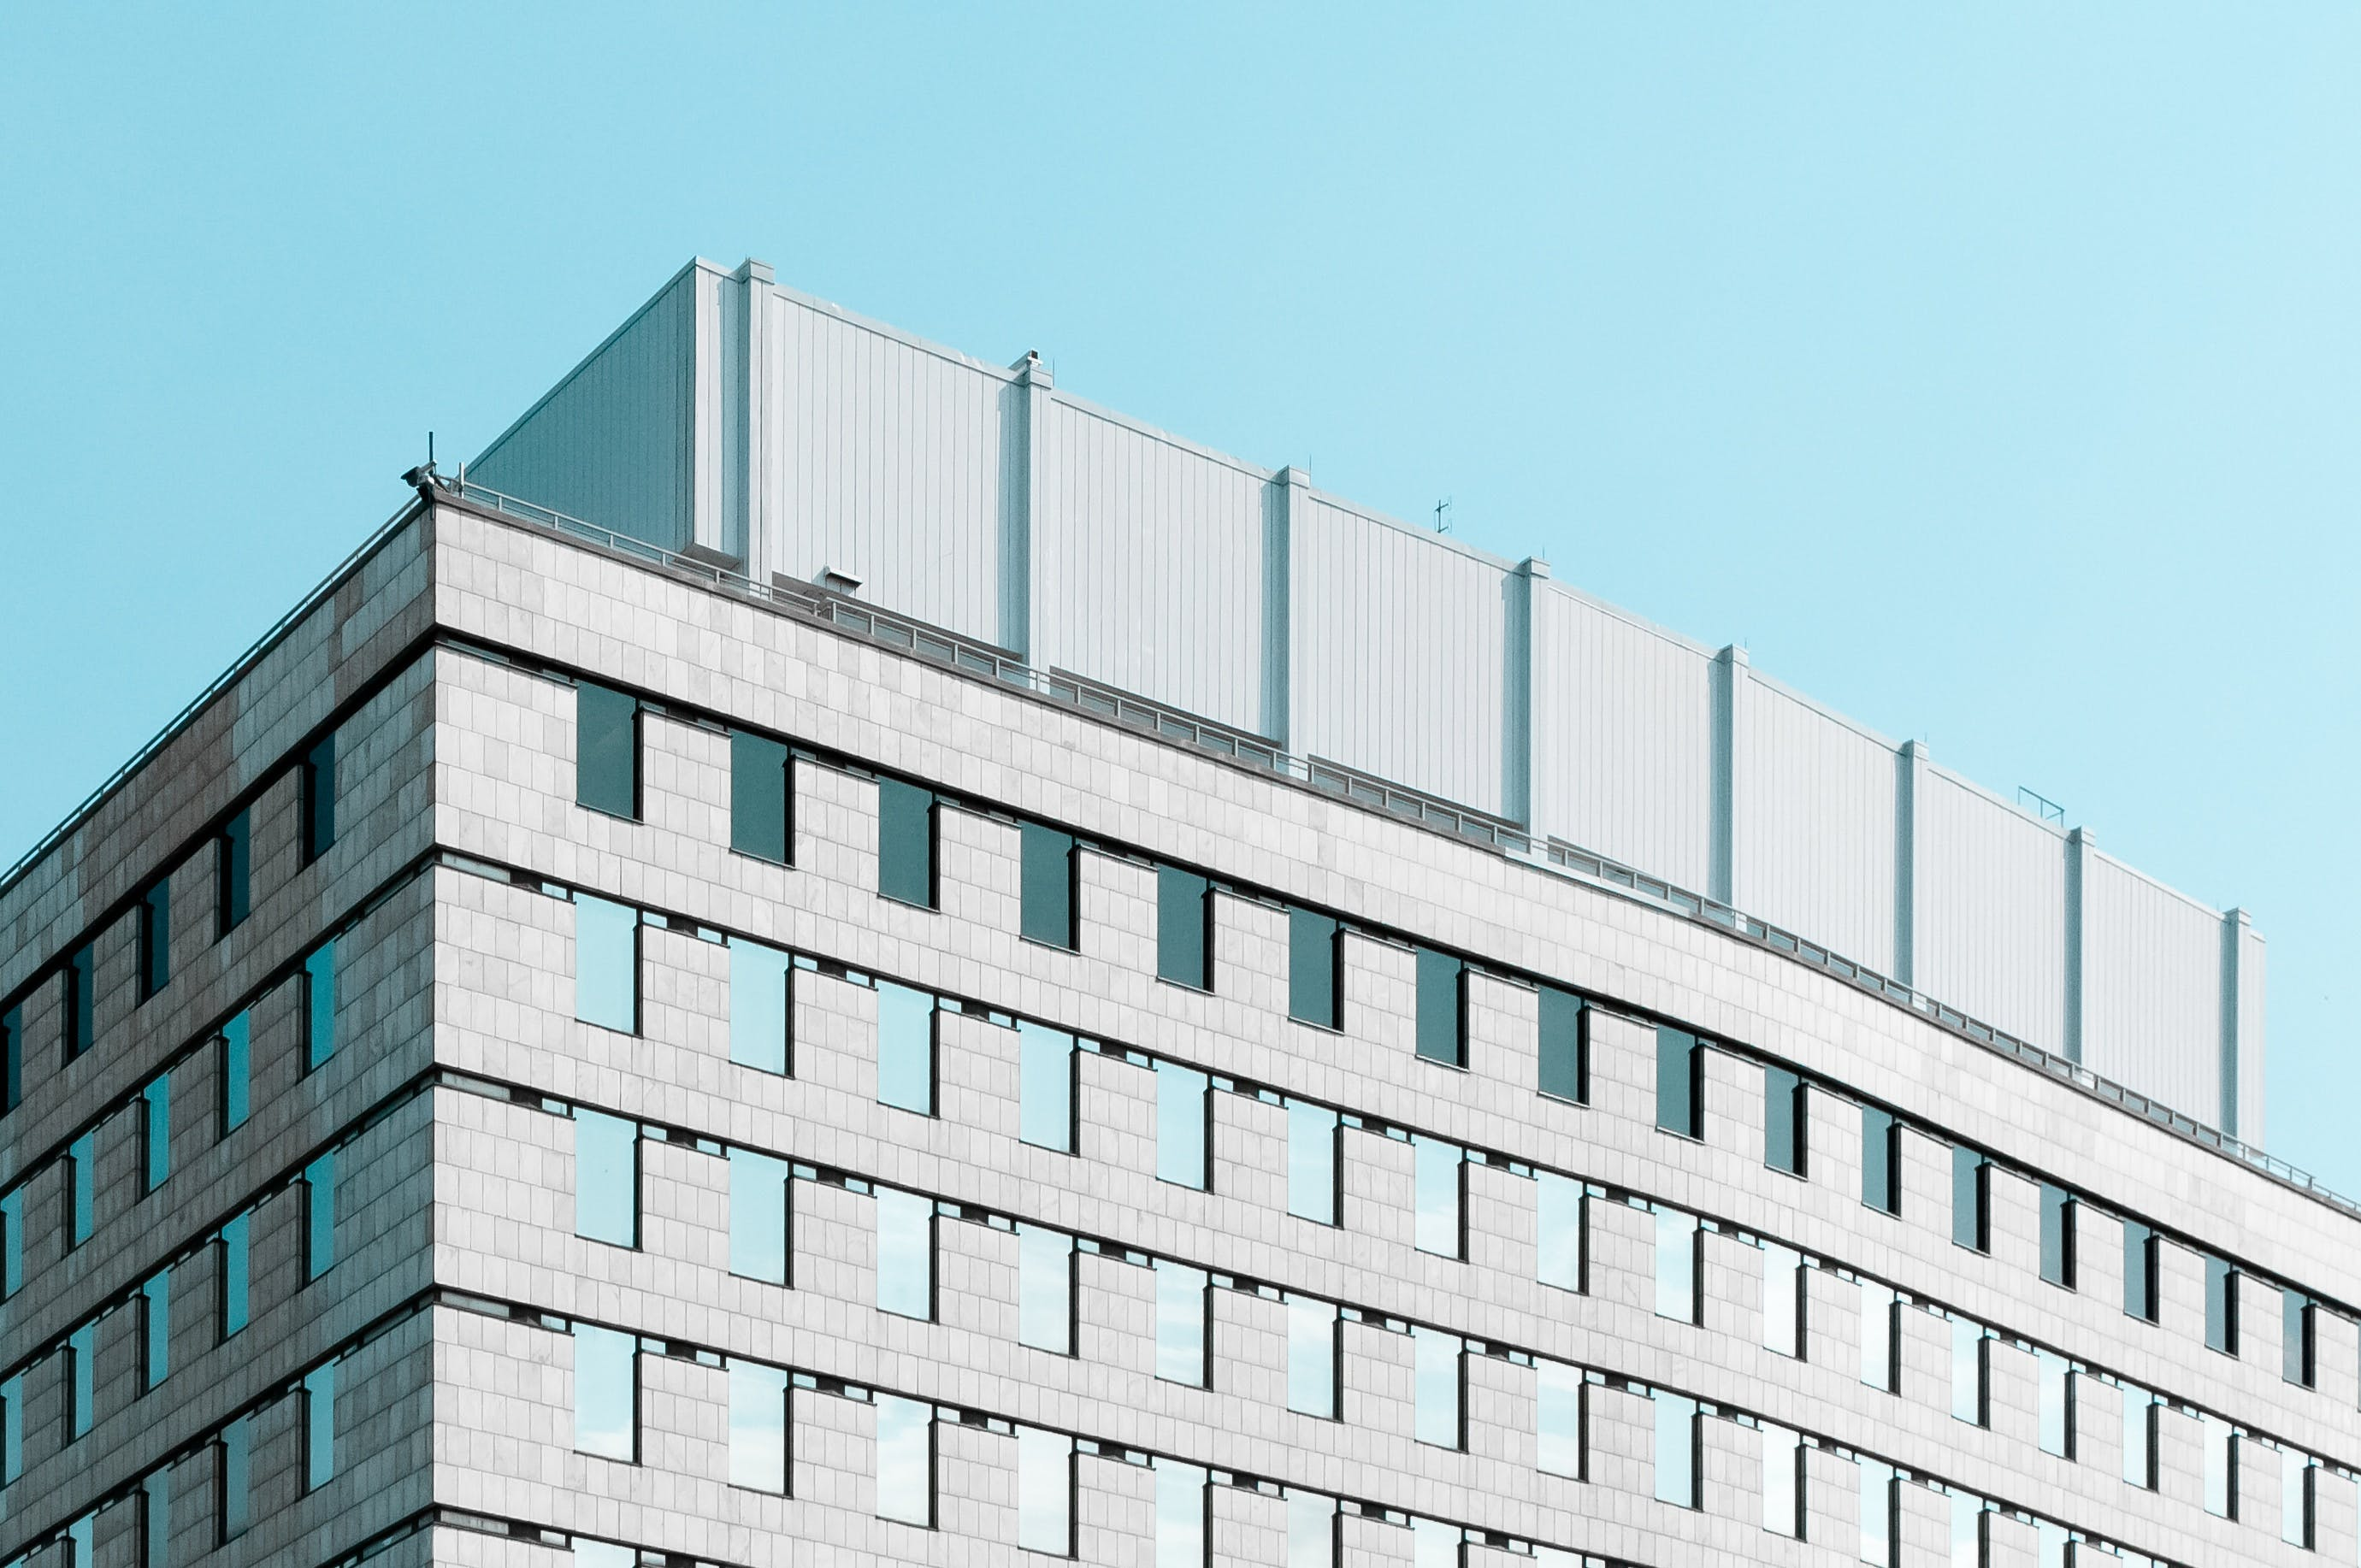 Kostenloses Stock Foto zu architektonisch, architektur, außen, beton